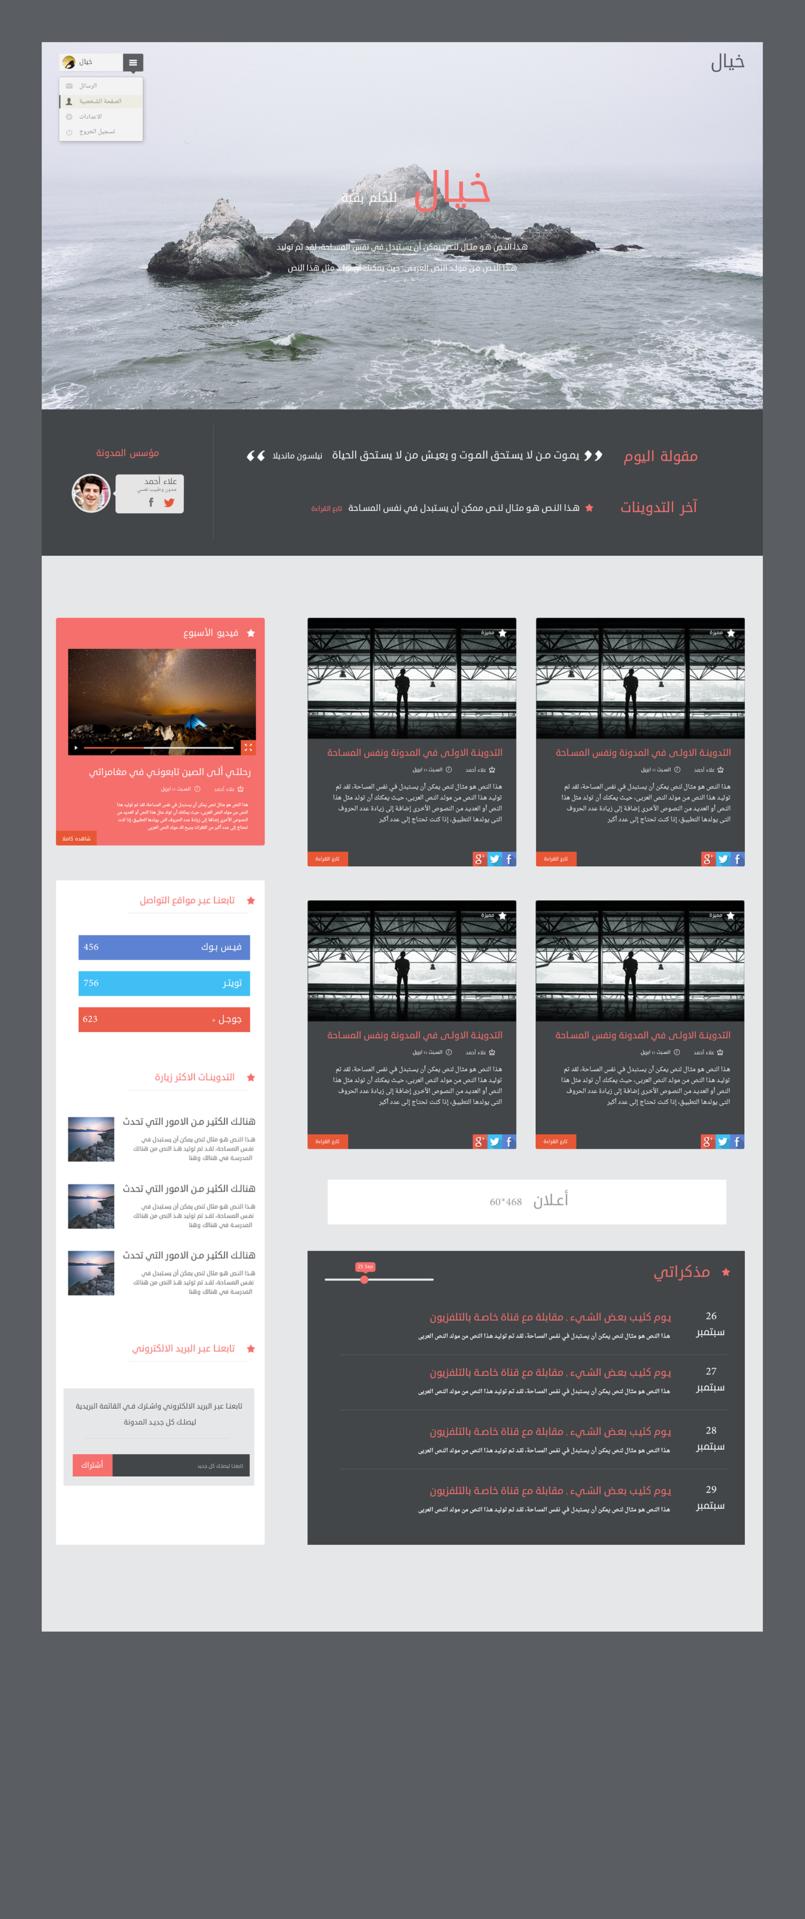 التصميم كاملا -الصفحة الرئيسية